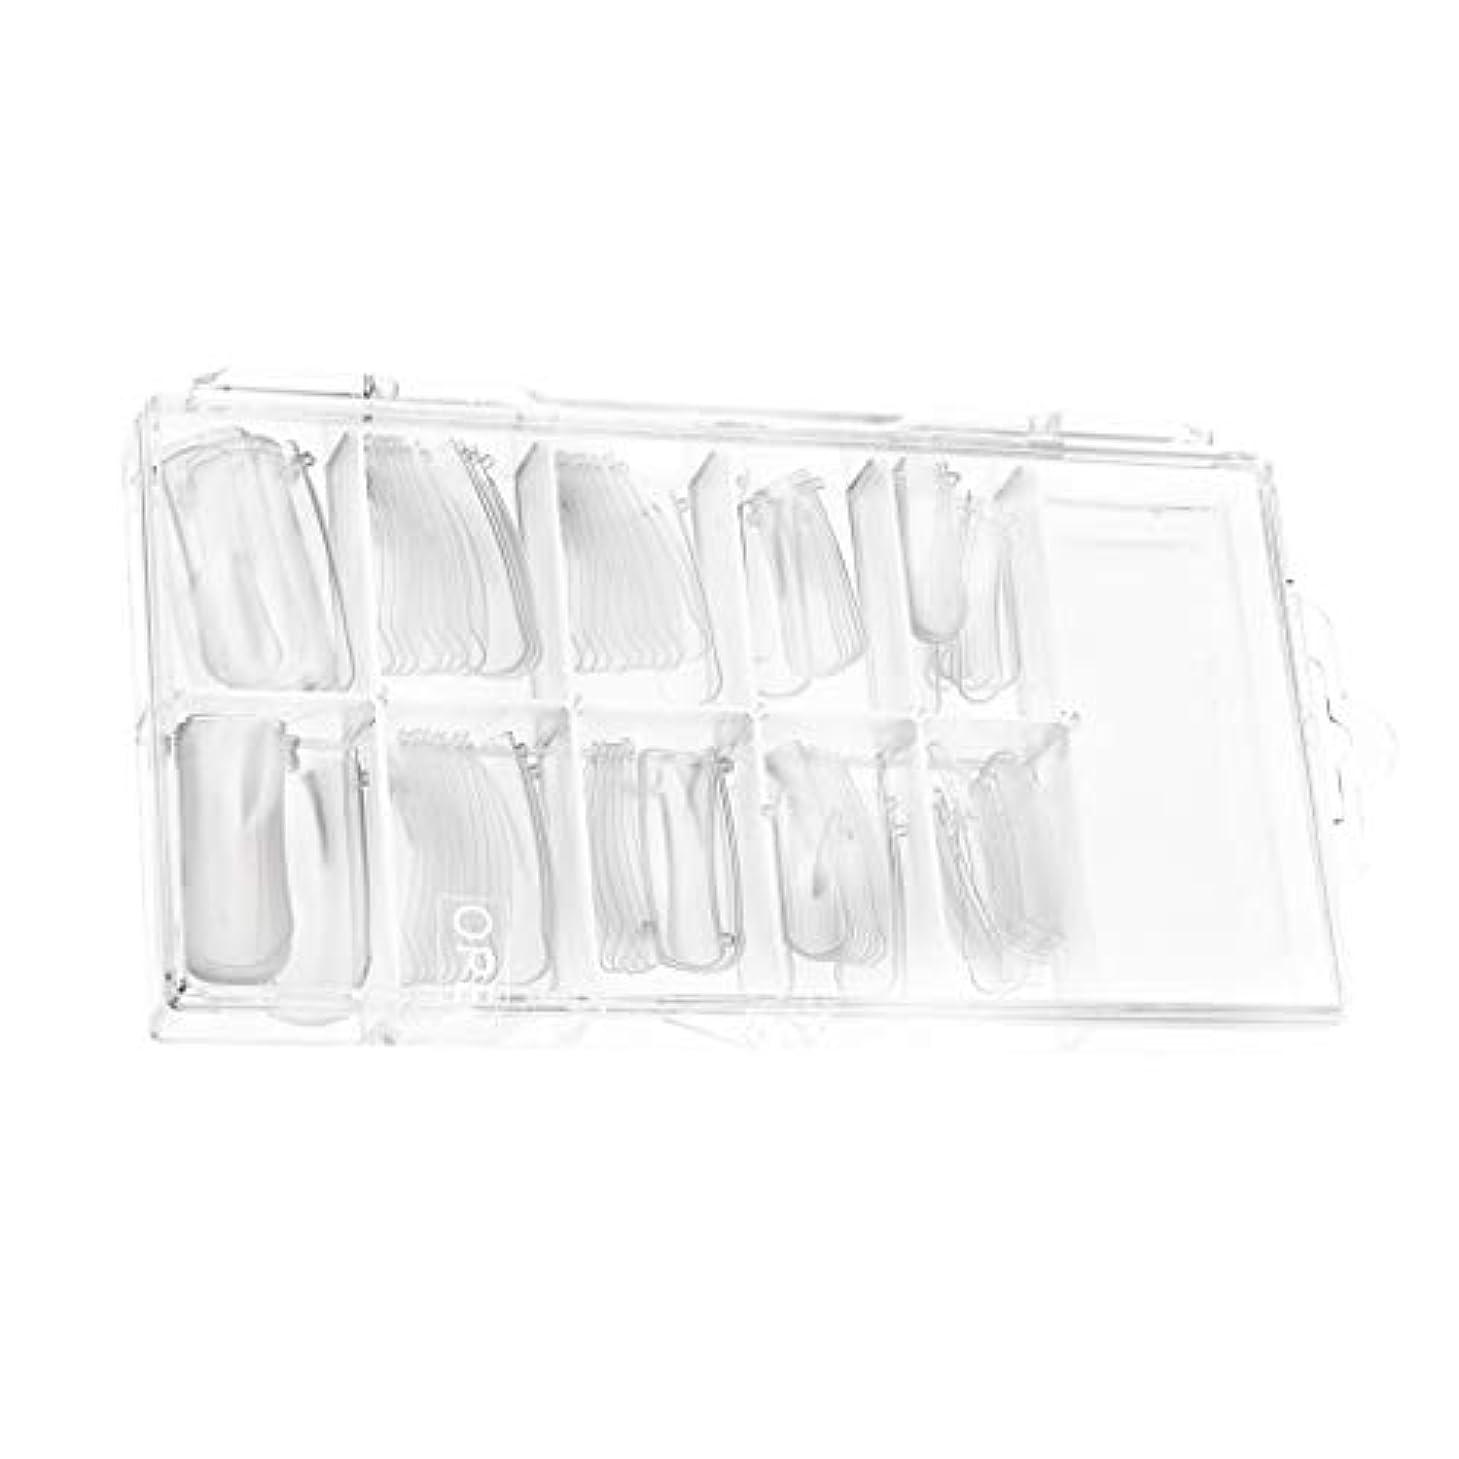 スリッパコーンウォール呼び起こすGeneric たくさん100棺ネイルクリアバレリーナネイルのヒントロングフルカバーアクリルネイル個人用または業務用(クリア)用10サイズ